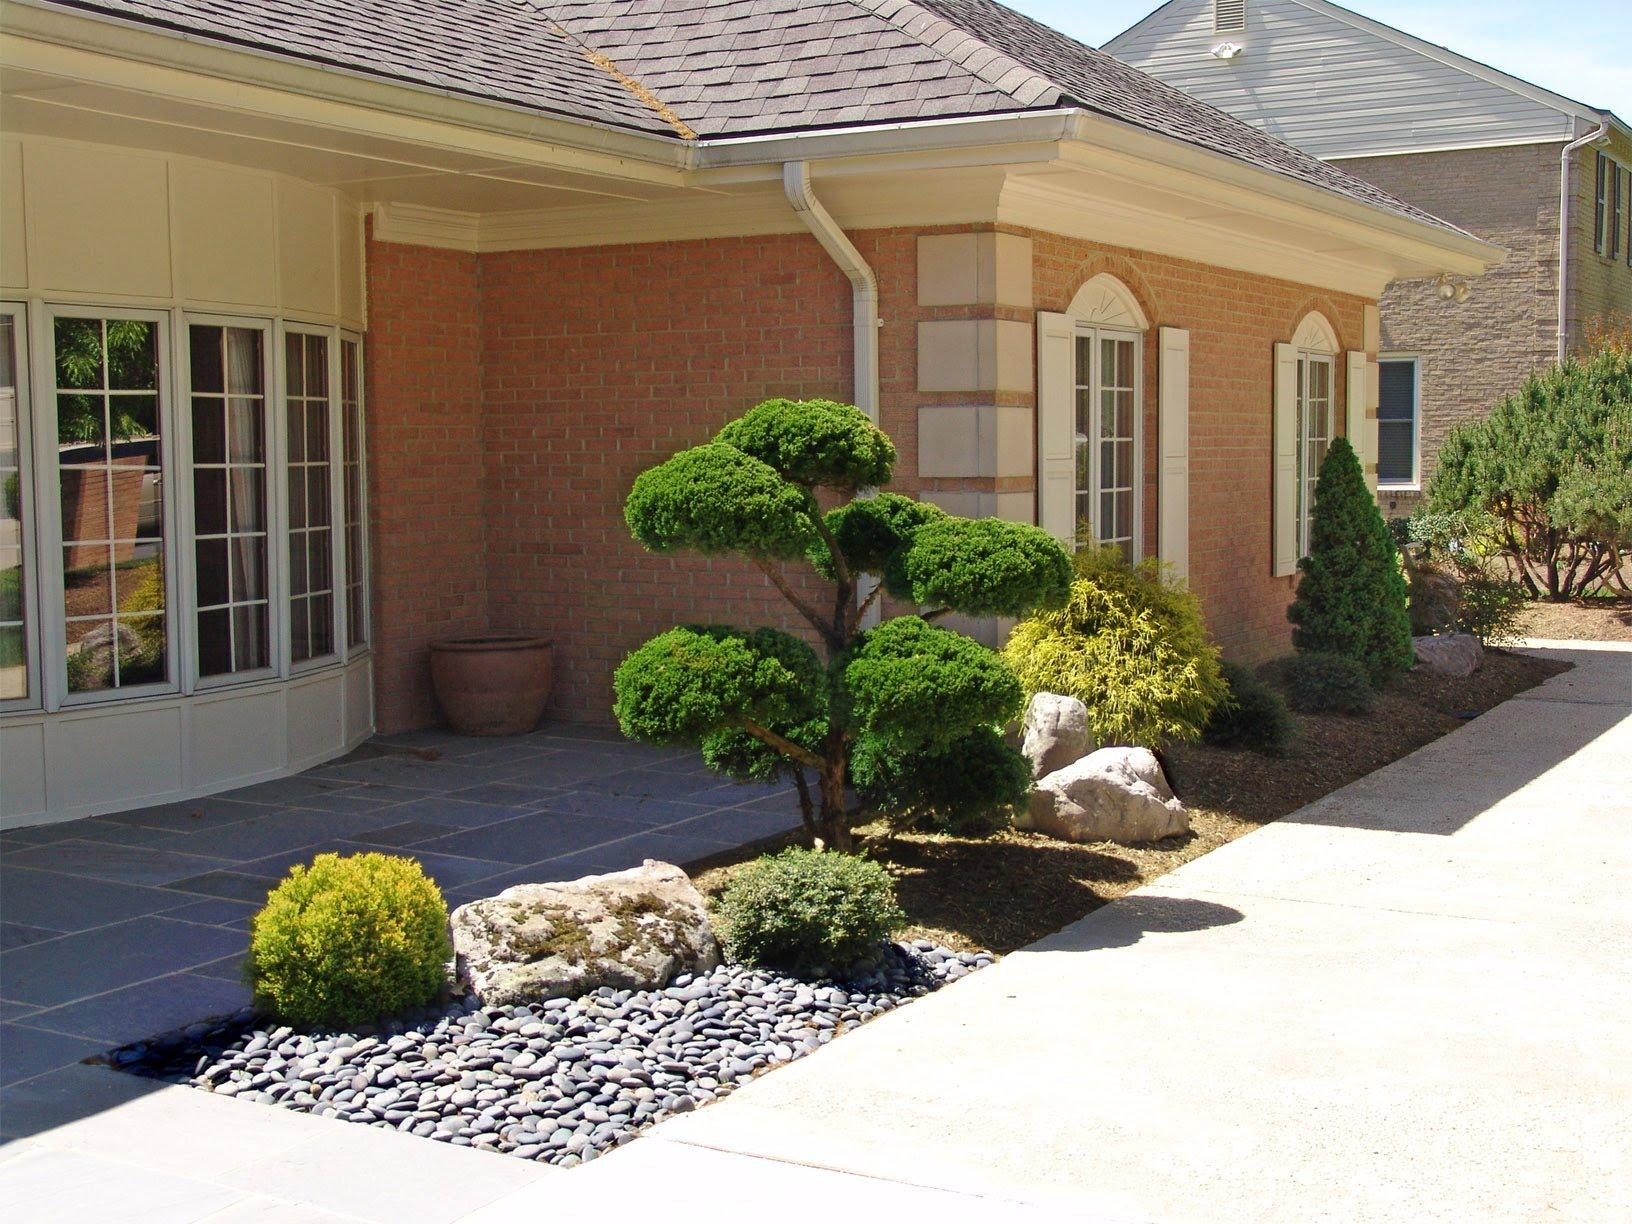 oriental-garden-design-ideas-photo-22